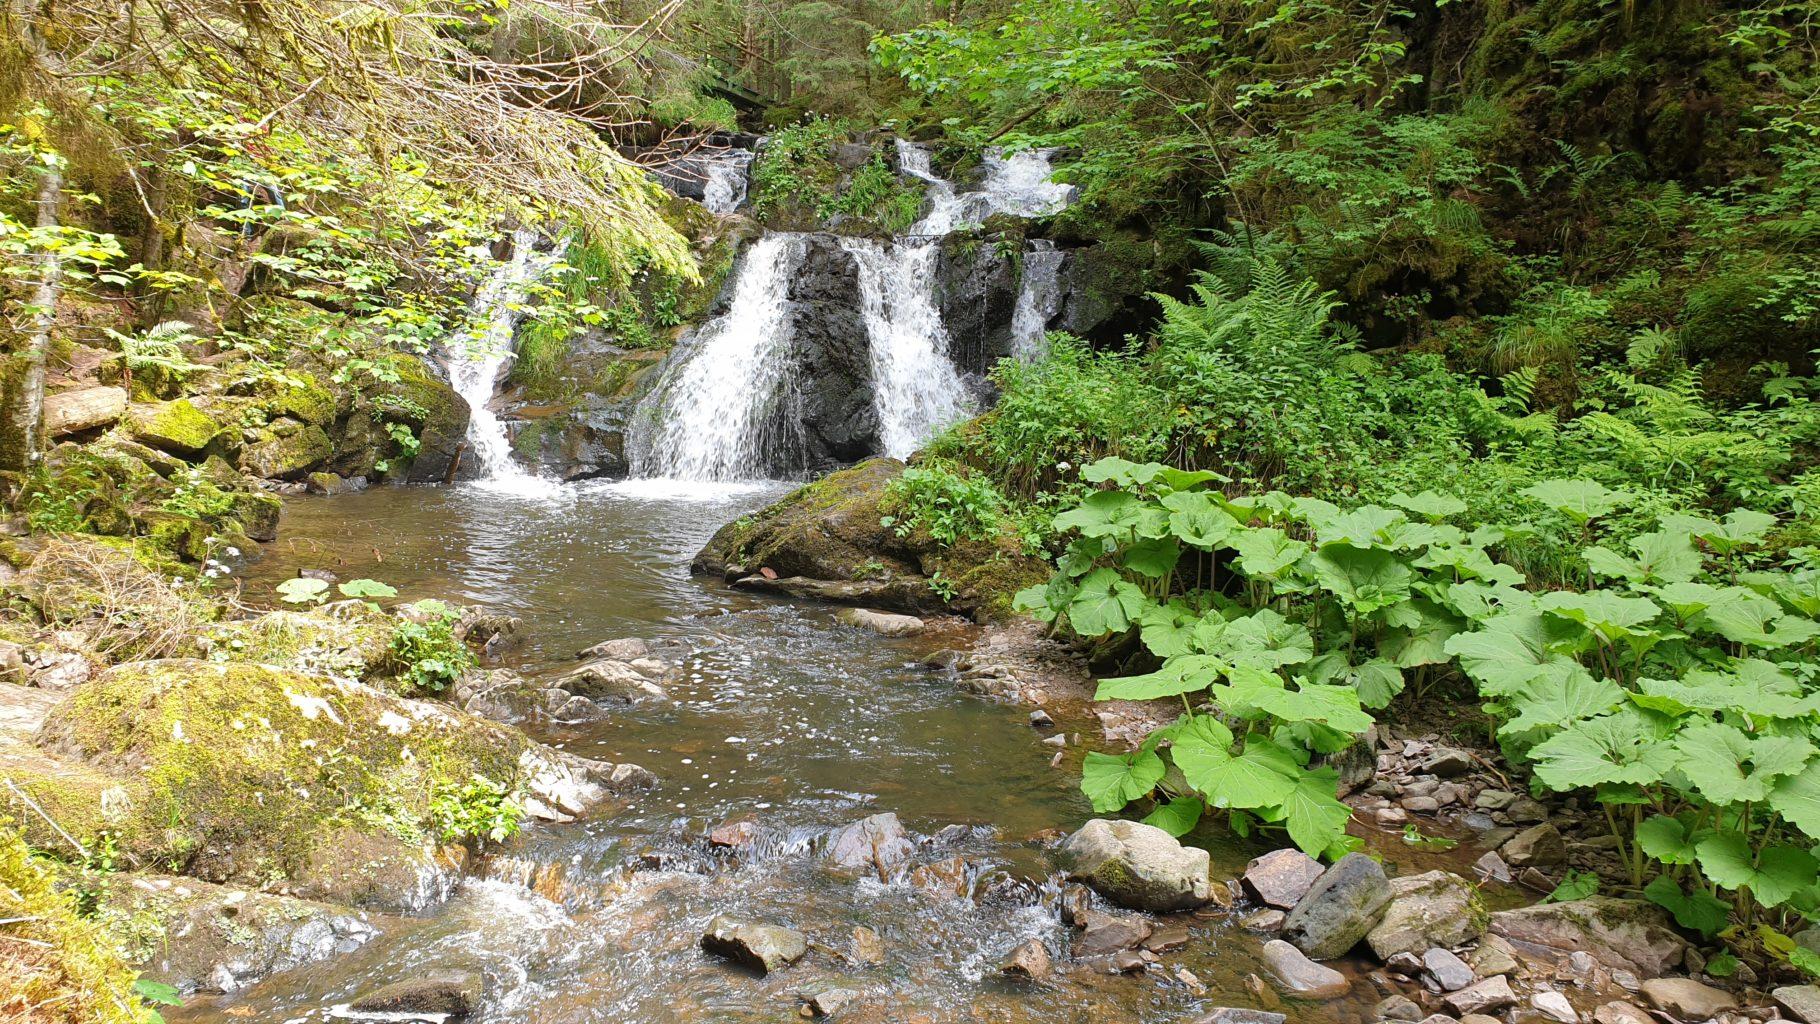 Wasserfall in der Rötenbachschlucht des Schluchtensteig